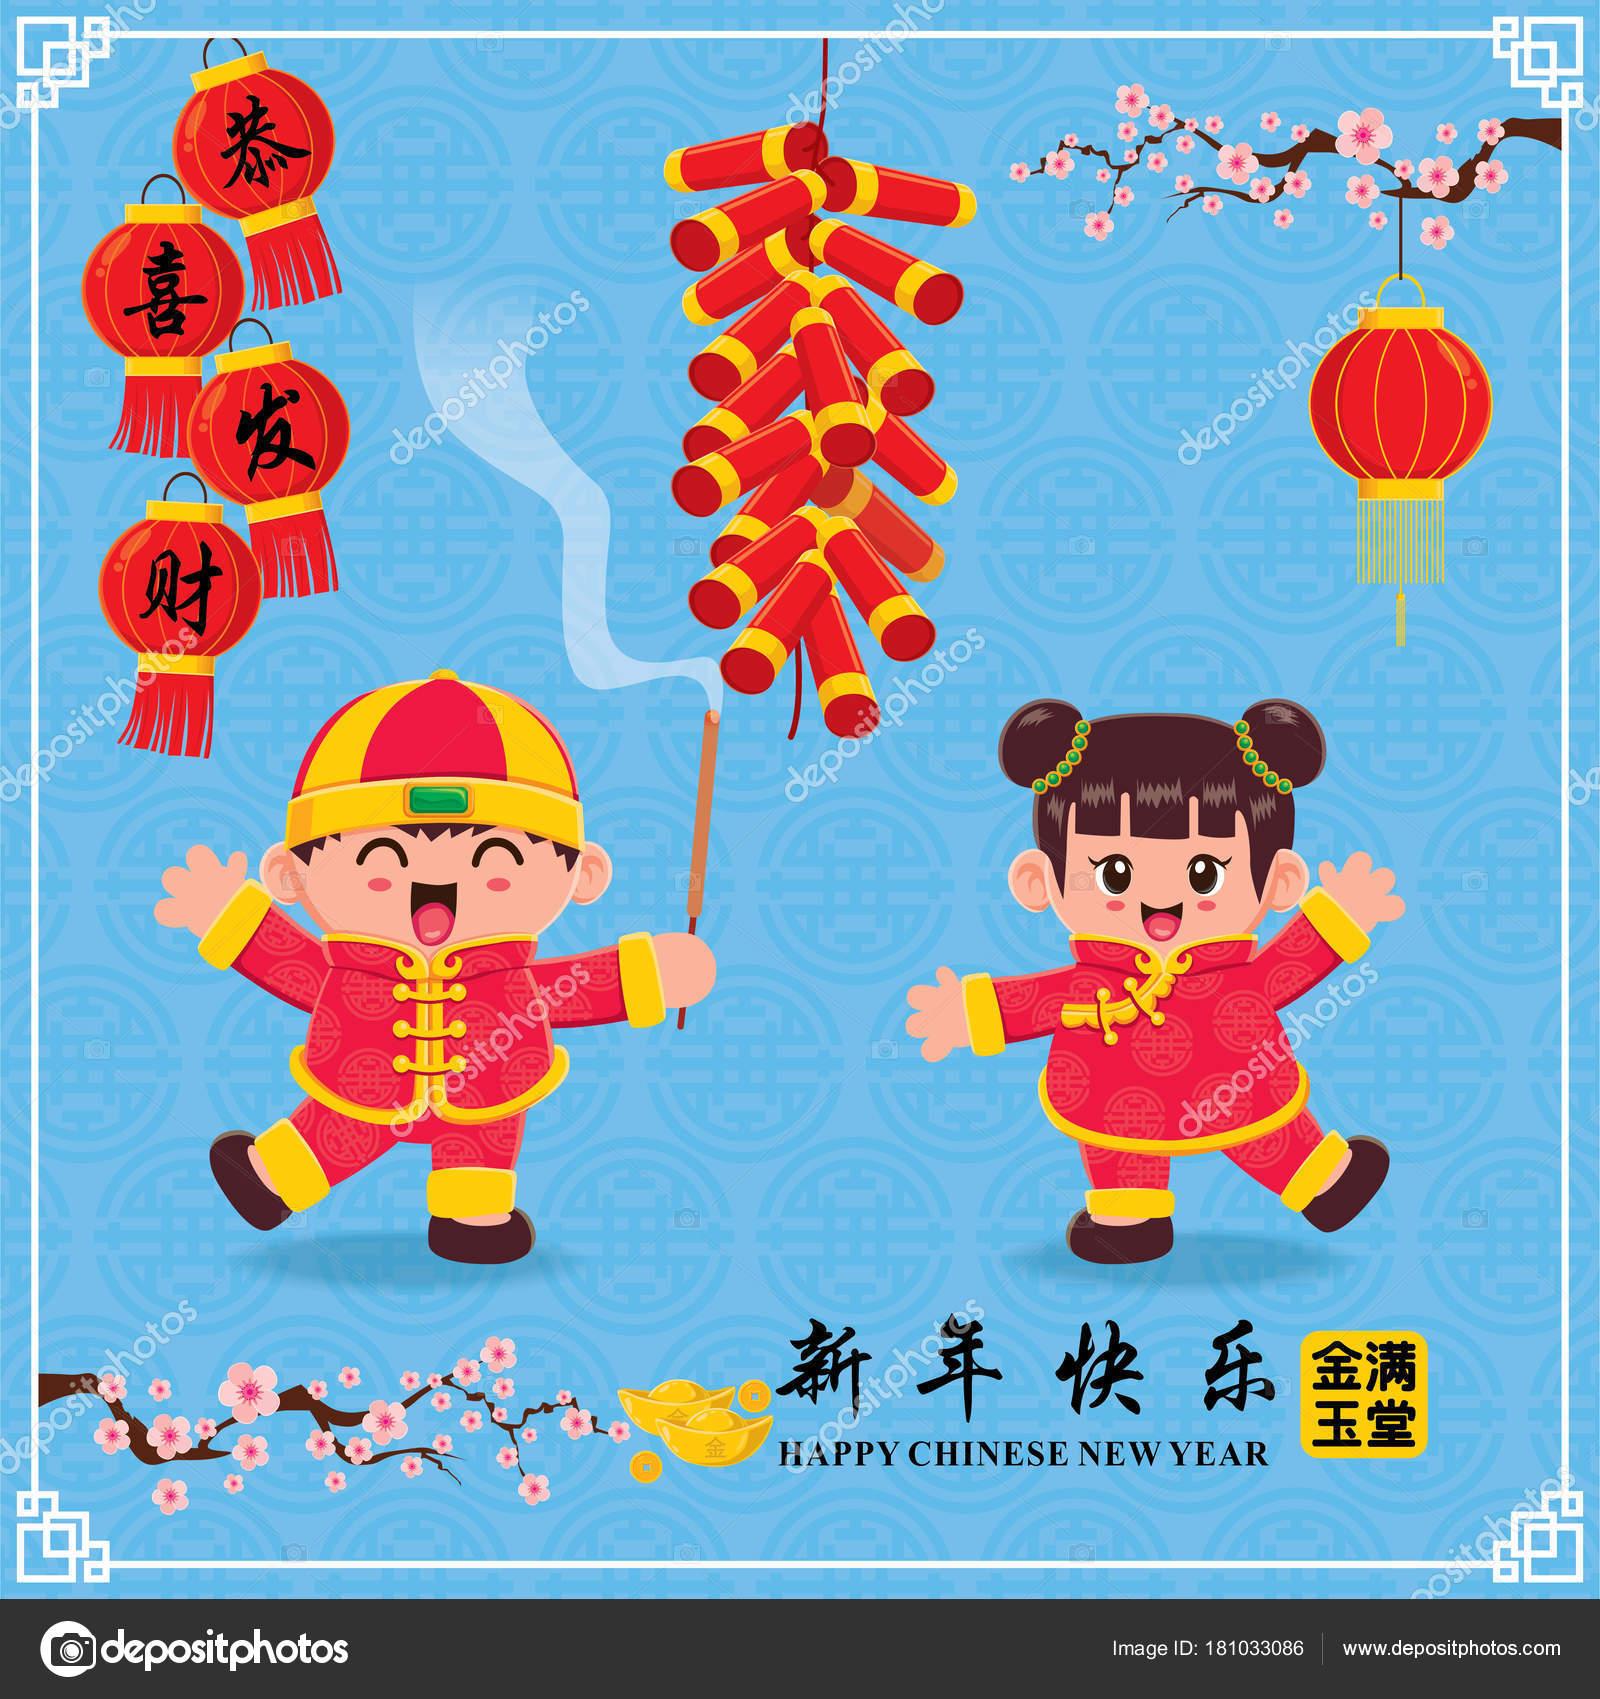 Vintage Chinesisches Neujahr Poster Design Mit Chinesischen Kindern ...